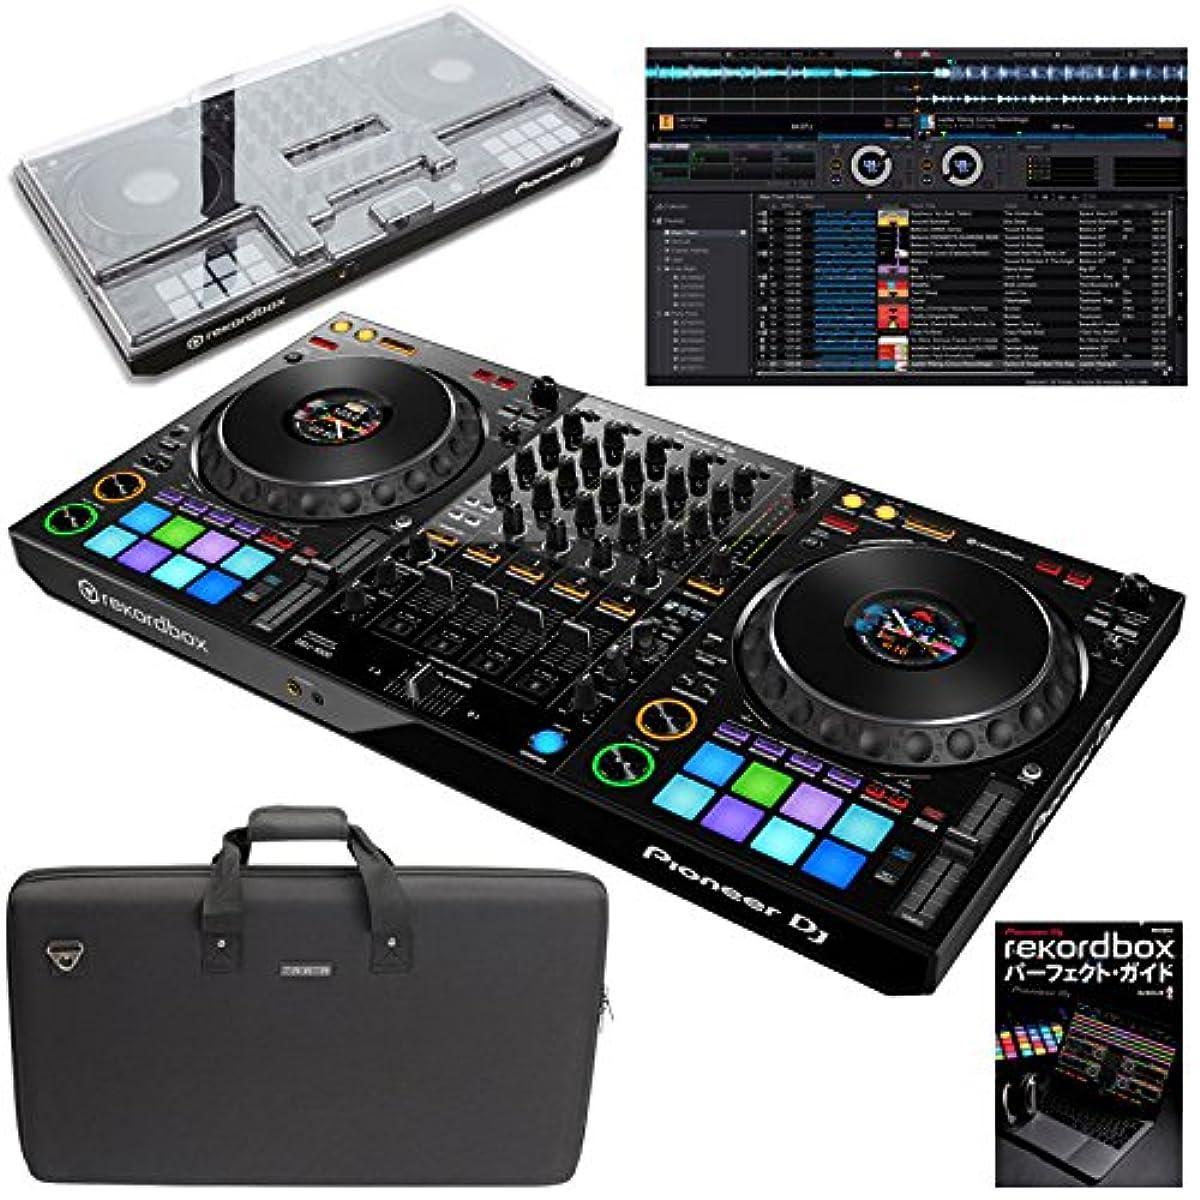 [해외] PIONEER DJ 파이오니아 DDJ-1000 【보호 커버&carrying 케이스 첨부속 초심자 DJ세트】